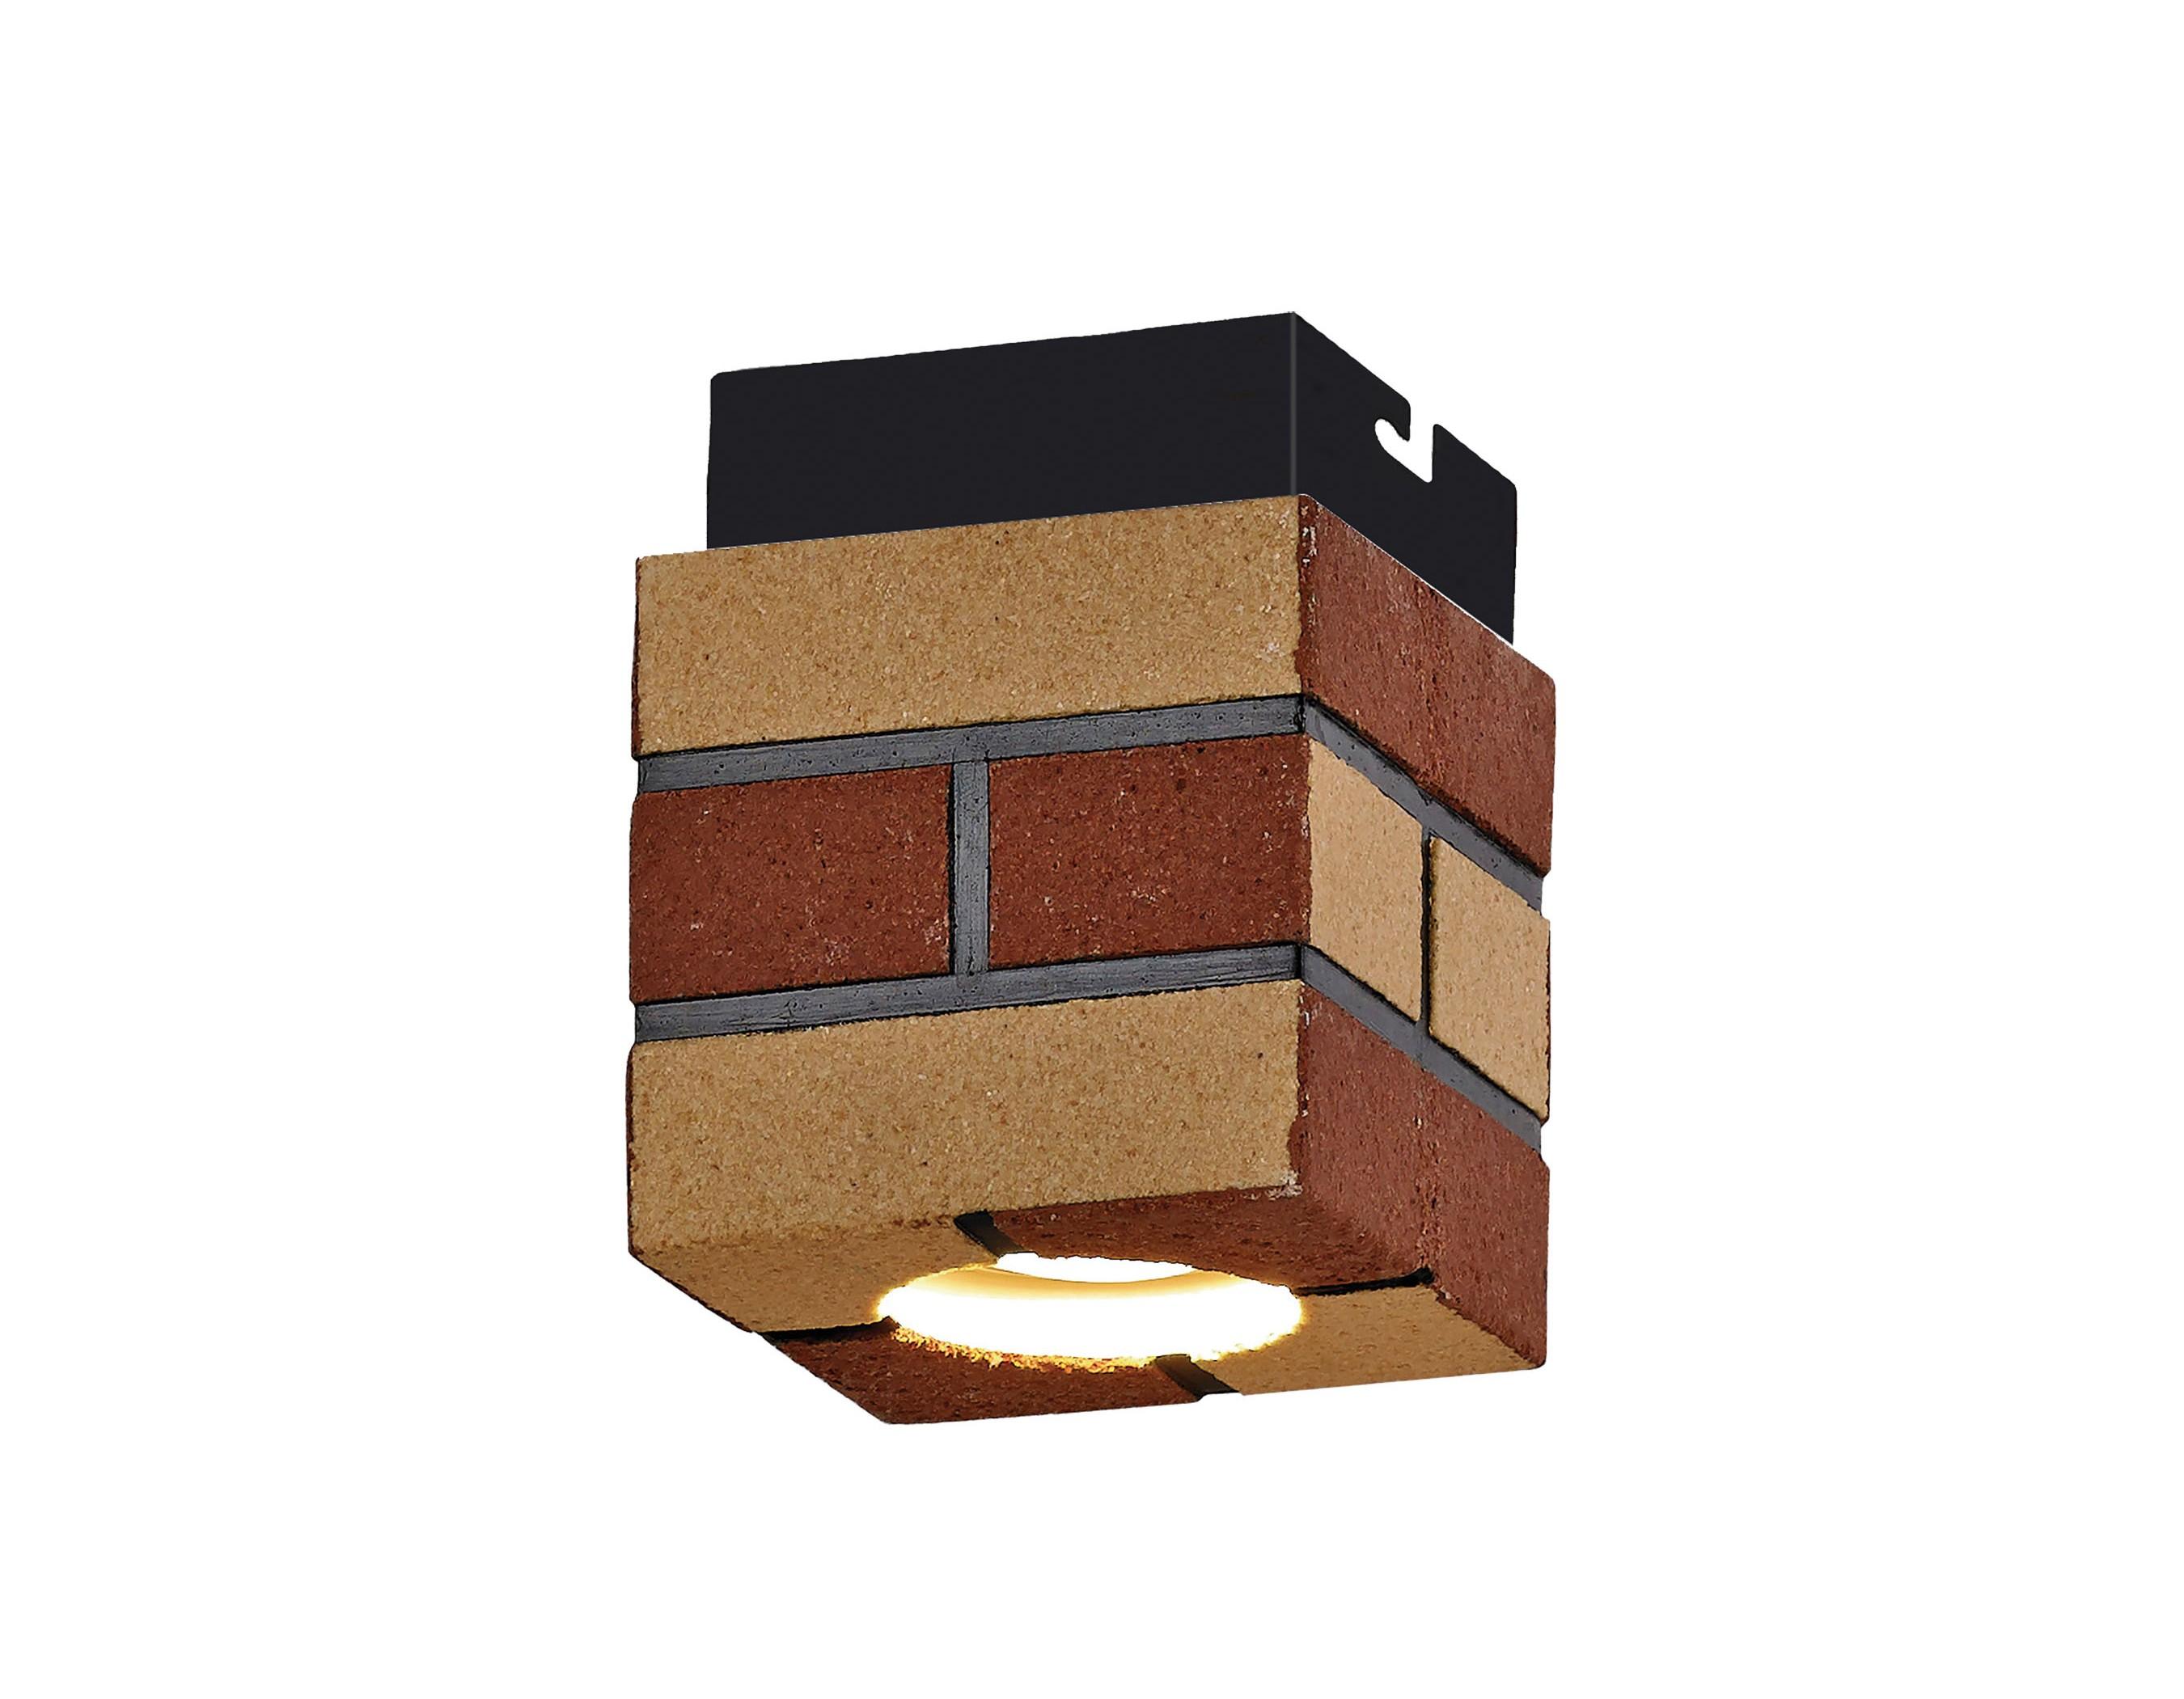 Потолочный светильникПотолочные светильники<br>Материал: металл/пластик&amp;lt;div&amp;gt;Лампочки в комплекте: 1*50W&amp;lt;/div&amp;gt;&amp;lt;div&amp;gt;Цоколь: Gu10&amp;lt;/div&amp;gt;&amp;lt;div&amp;gt;Цвет: черный/коричневый&amp;lt;/div&amp;gt;<br><br>Material: Пластик<br>Ширина см: 10<br>Высота см: 12<br>Глубина см: 10